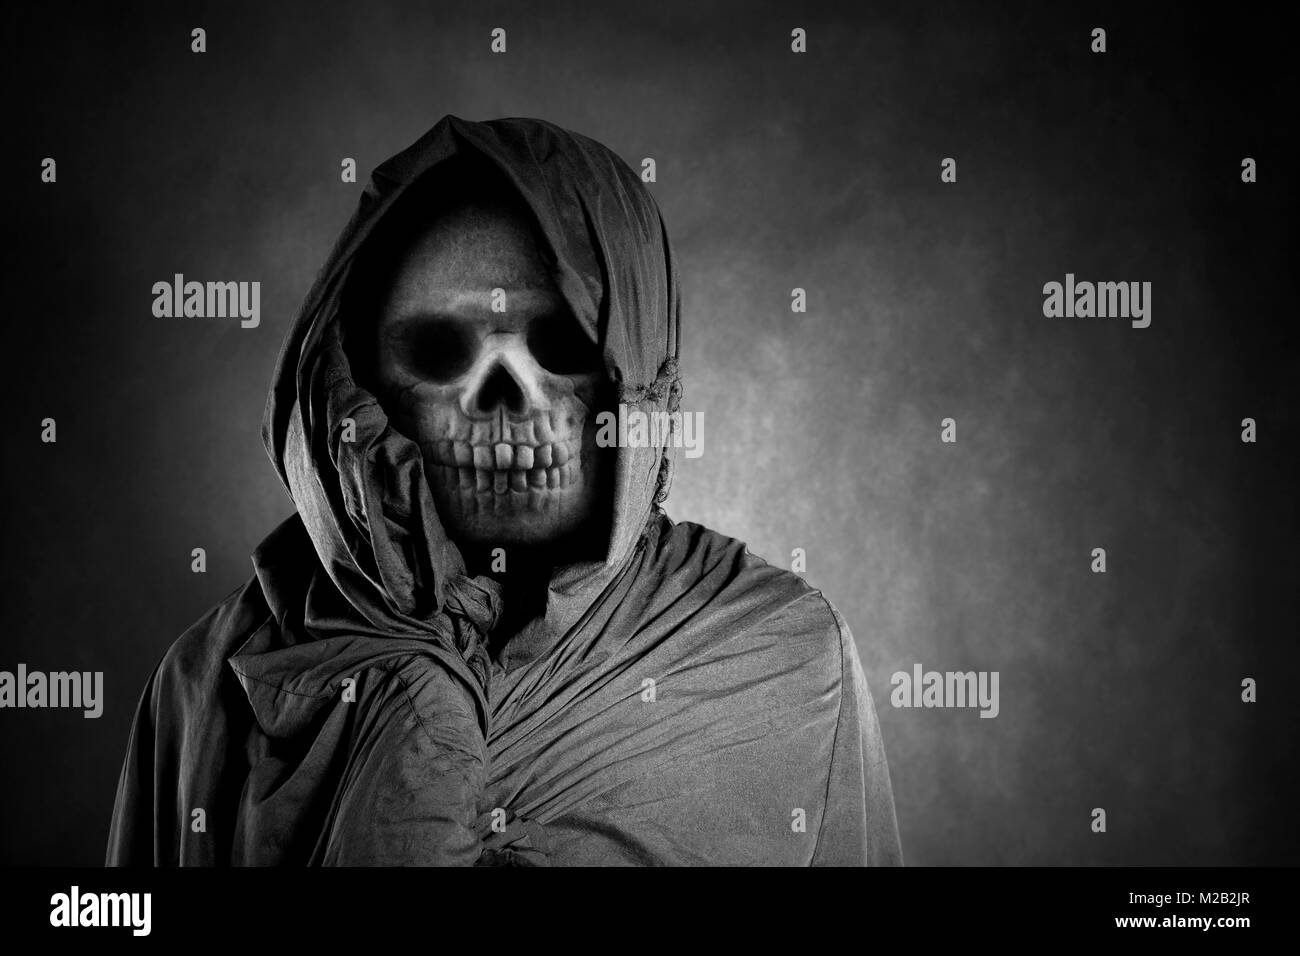 Guadaña en la oscuridad Imagen De Stock